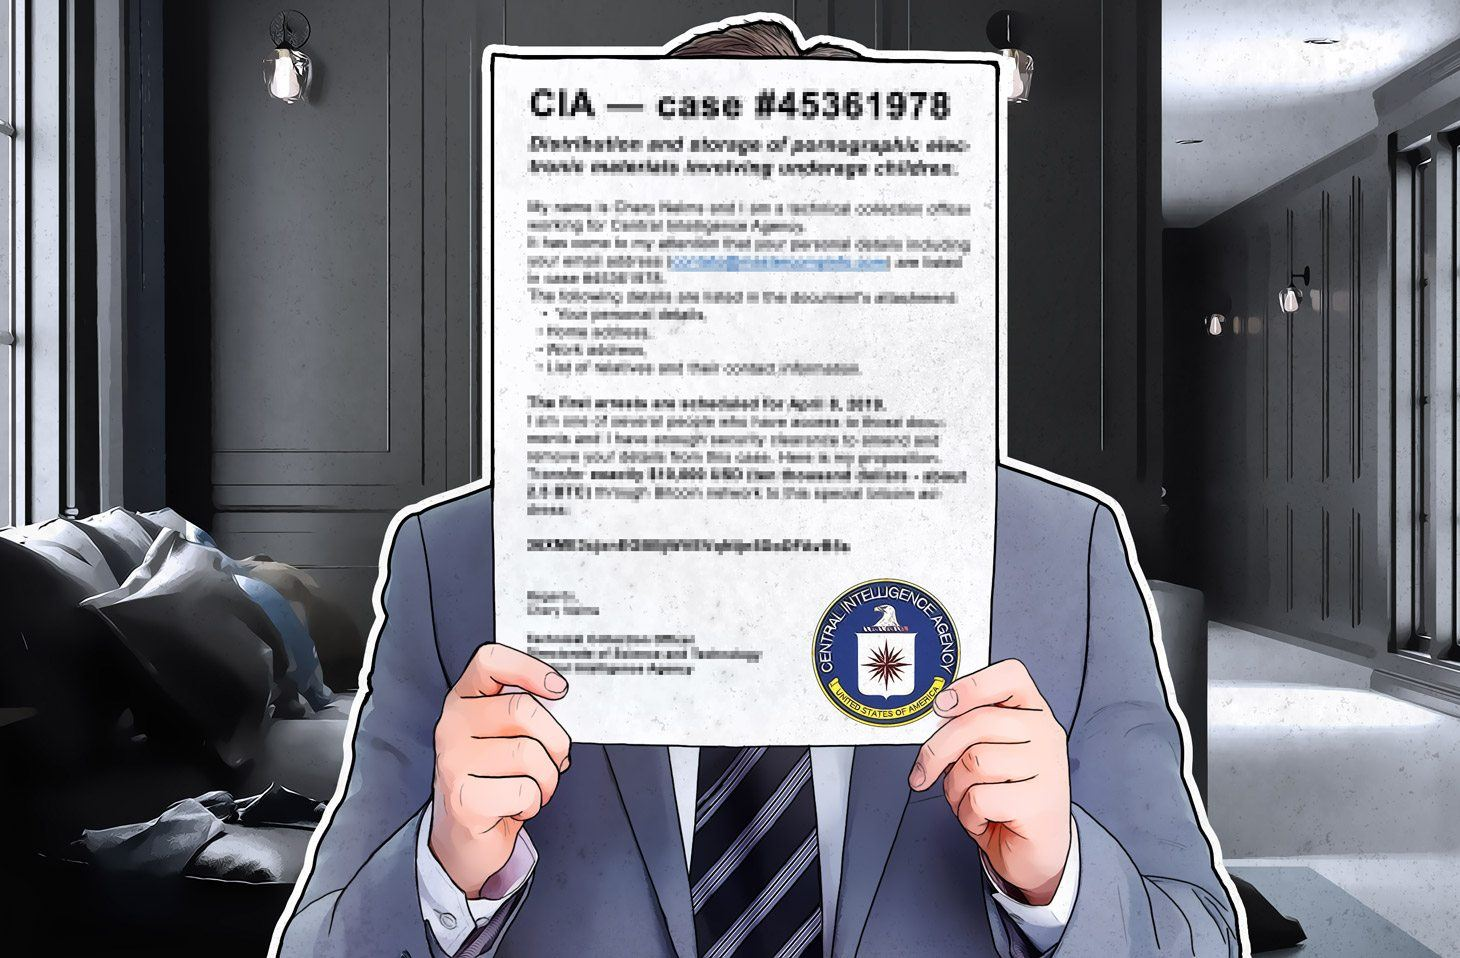 Un mensaje, supuestamente de la CIA, amenaza con arrestarte por poseer pornografía infantil y exige el pago de un rescate.